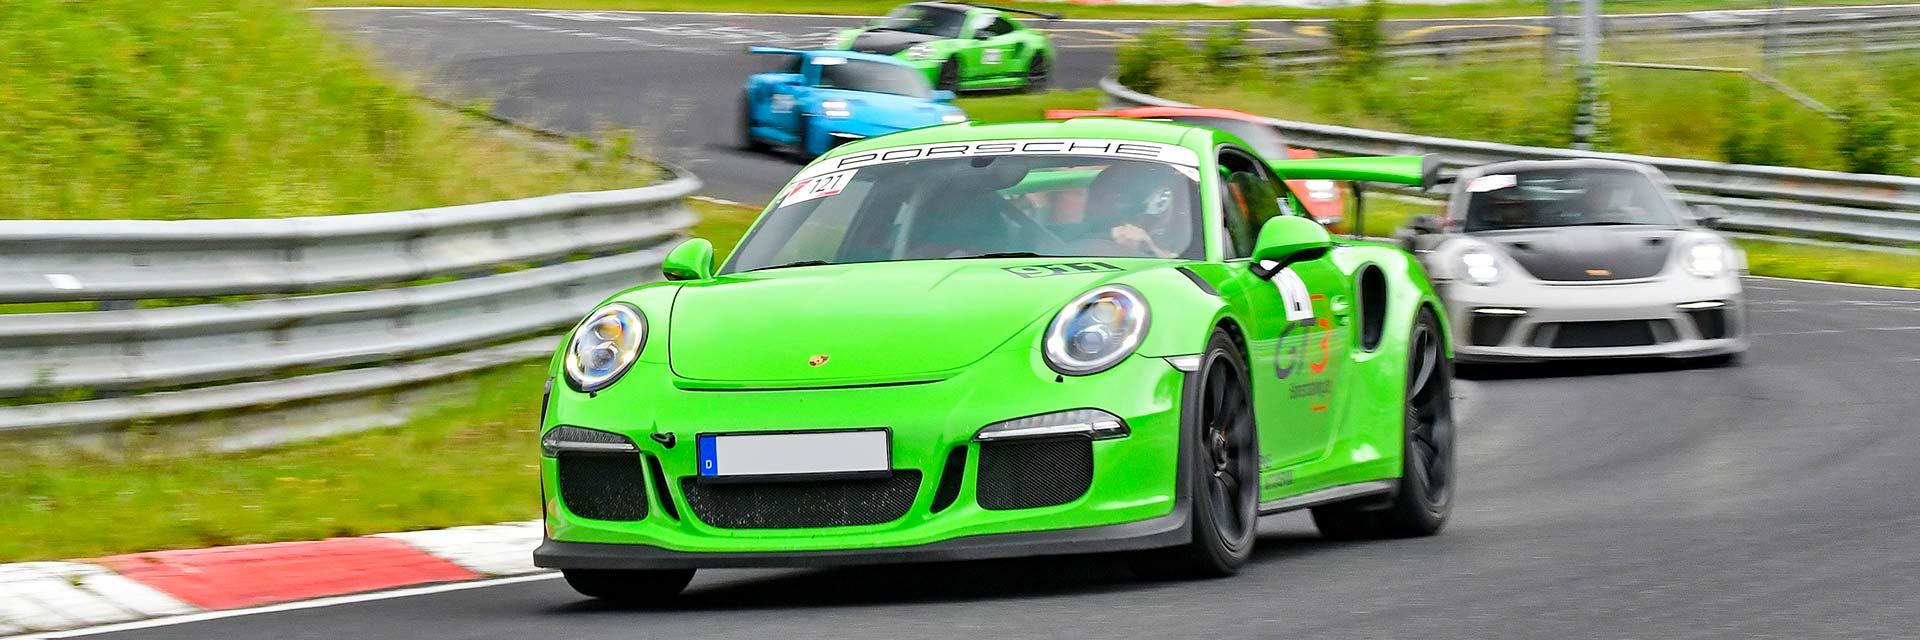 GEDLICH Racing - Nordschleifentraining 001